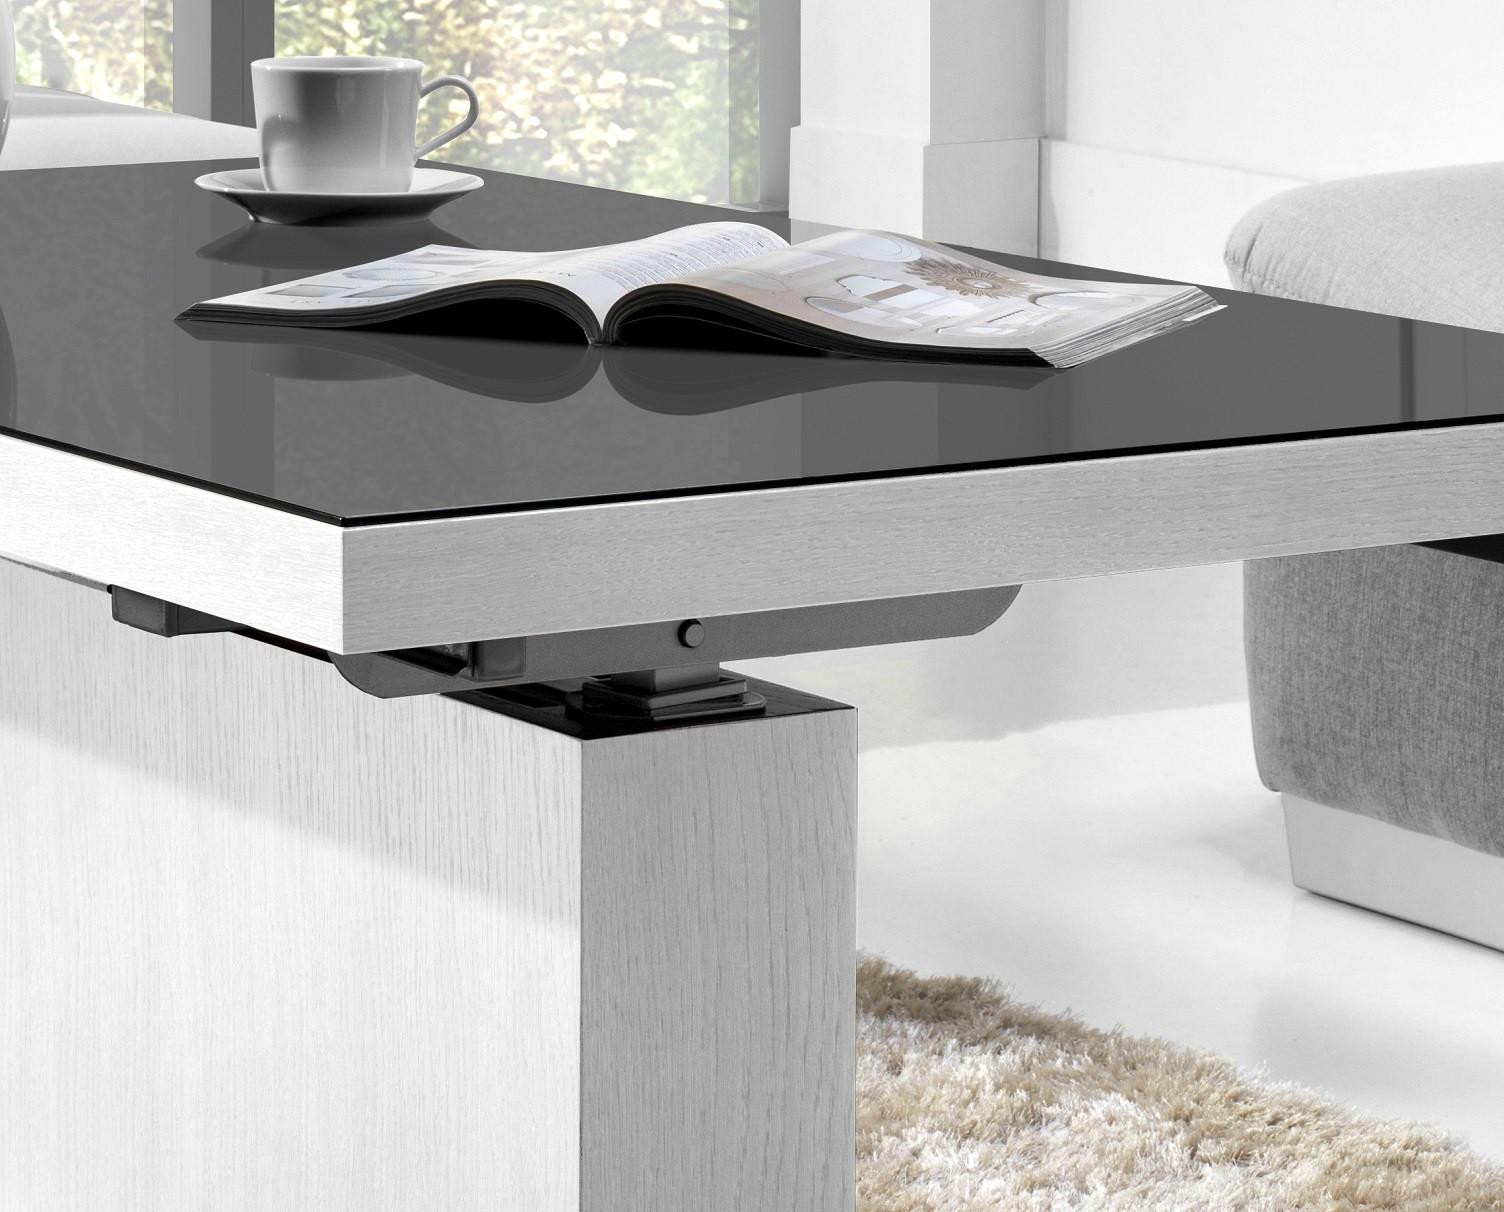 design couchtisch mn 3 wei seidenmatt grauglas. Black Bedroom Furniture Sets. Home Design Ideas